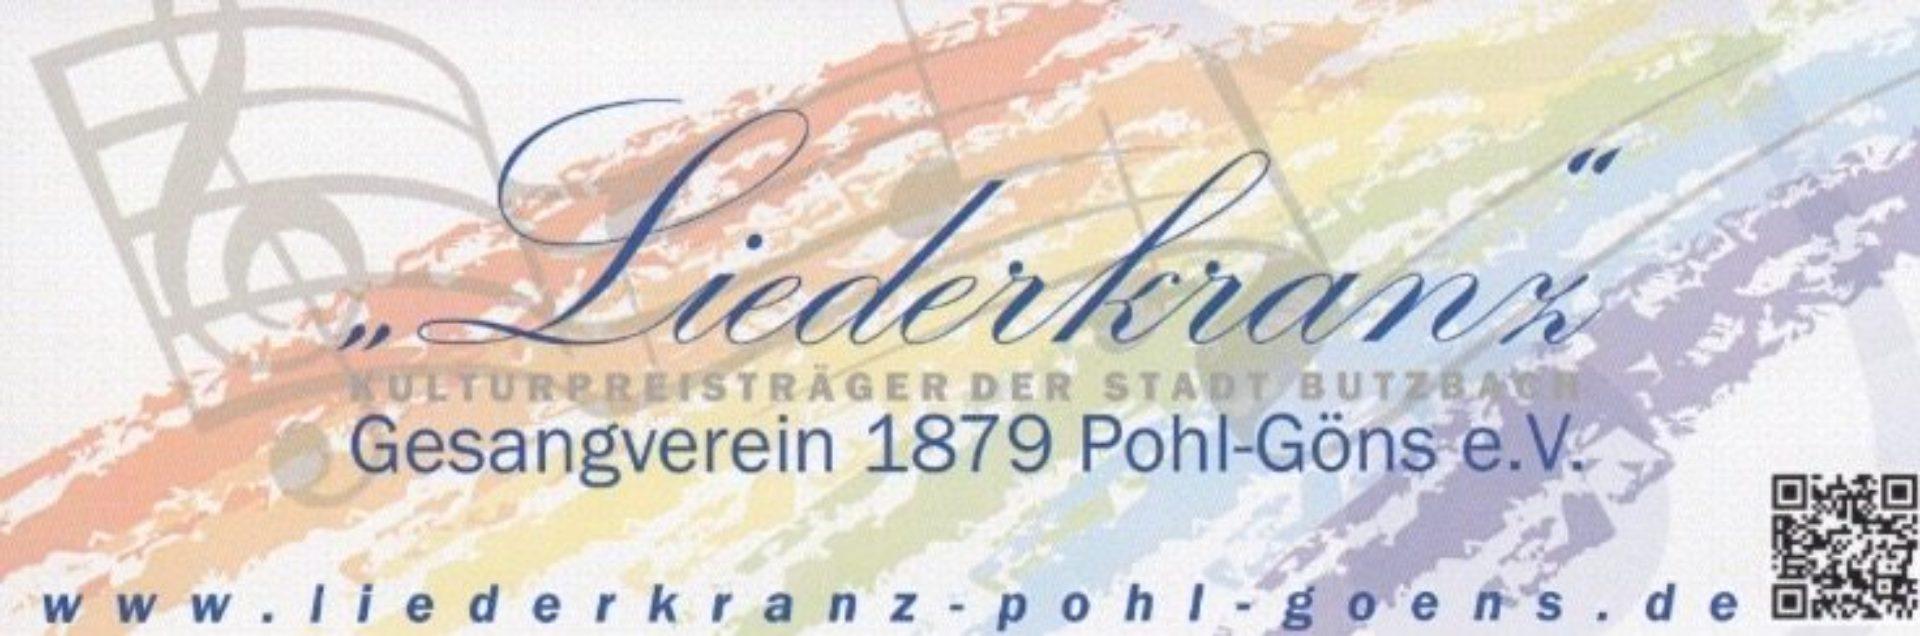 Gesangverein 'Liederkranz' 1879 Pohl-Göns e.V.